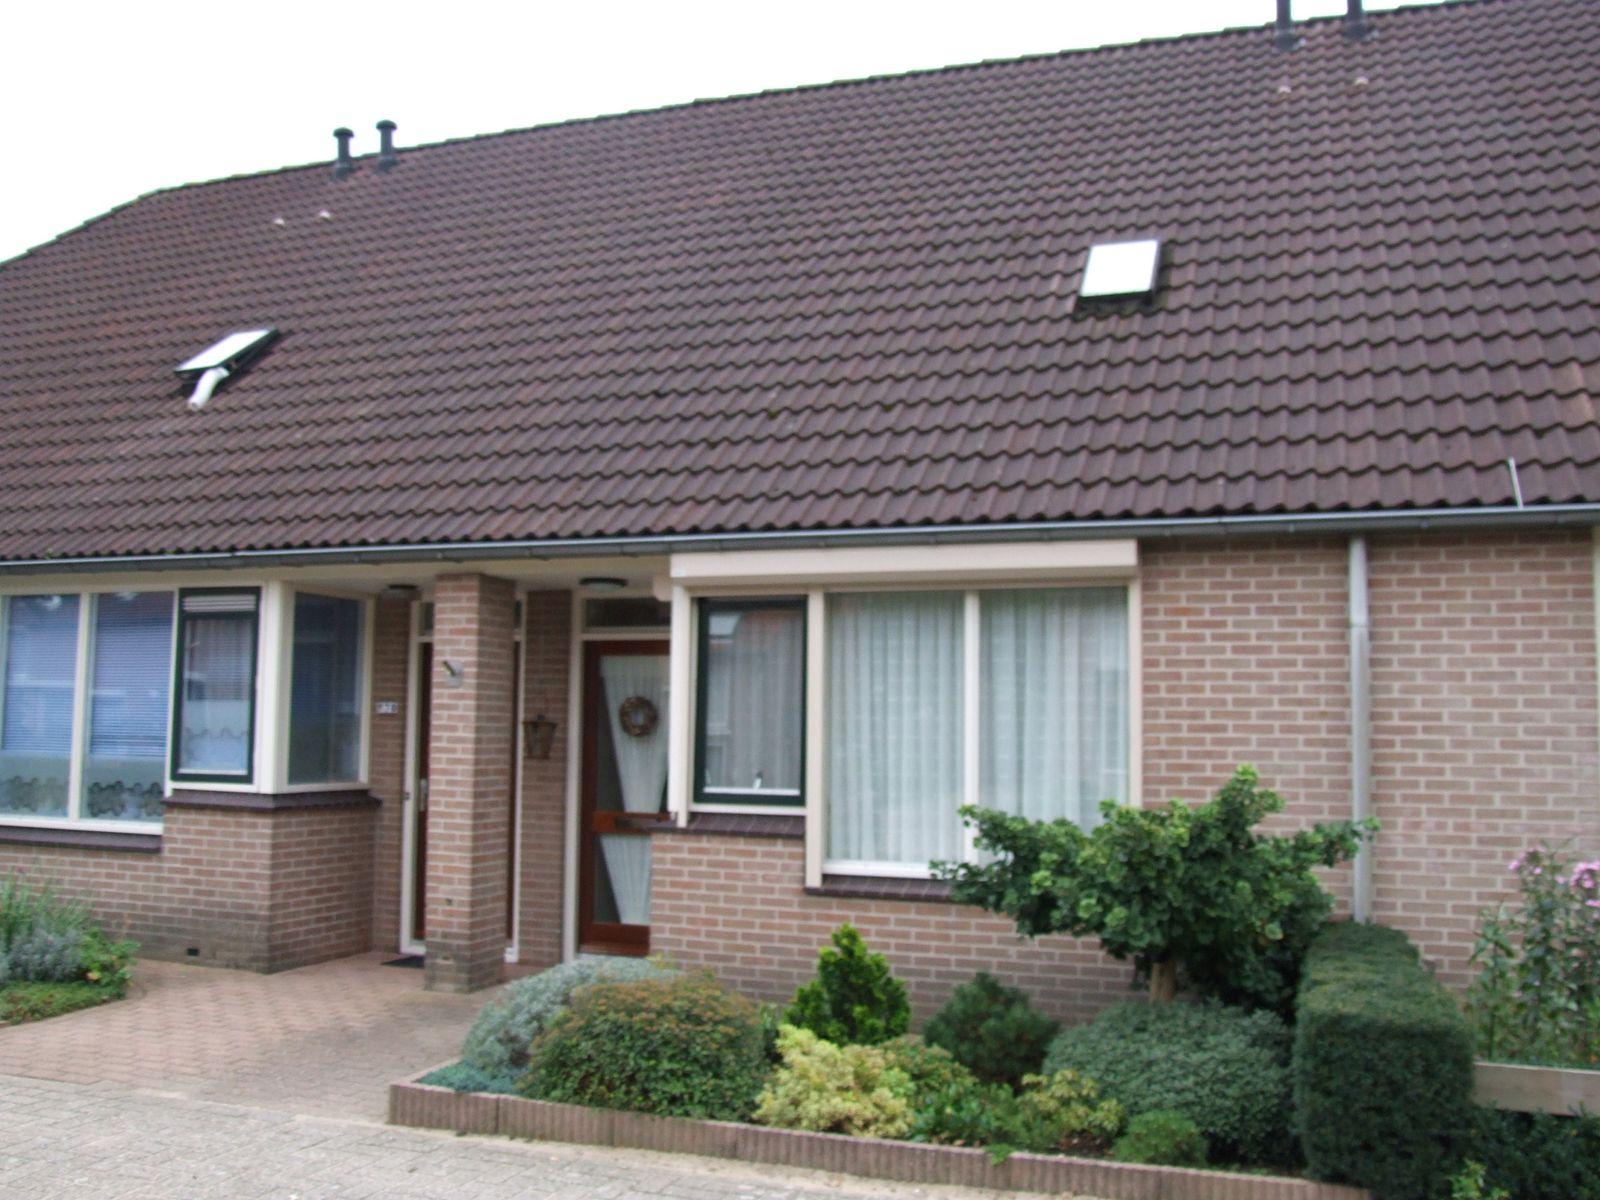 Rodingsveen 68, 's-heerenberg